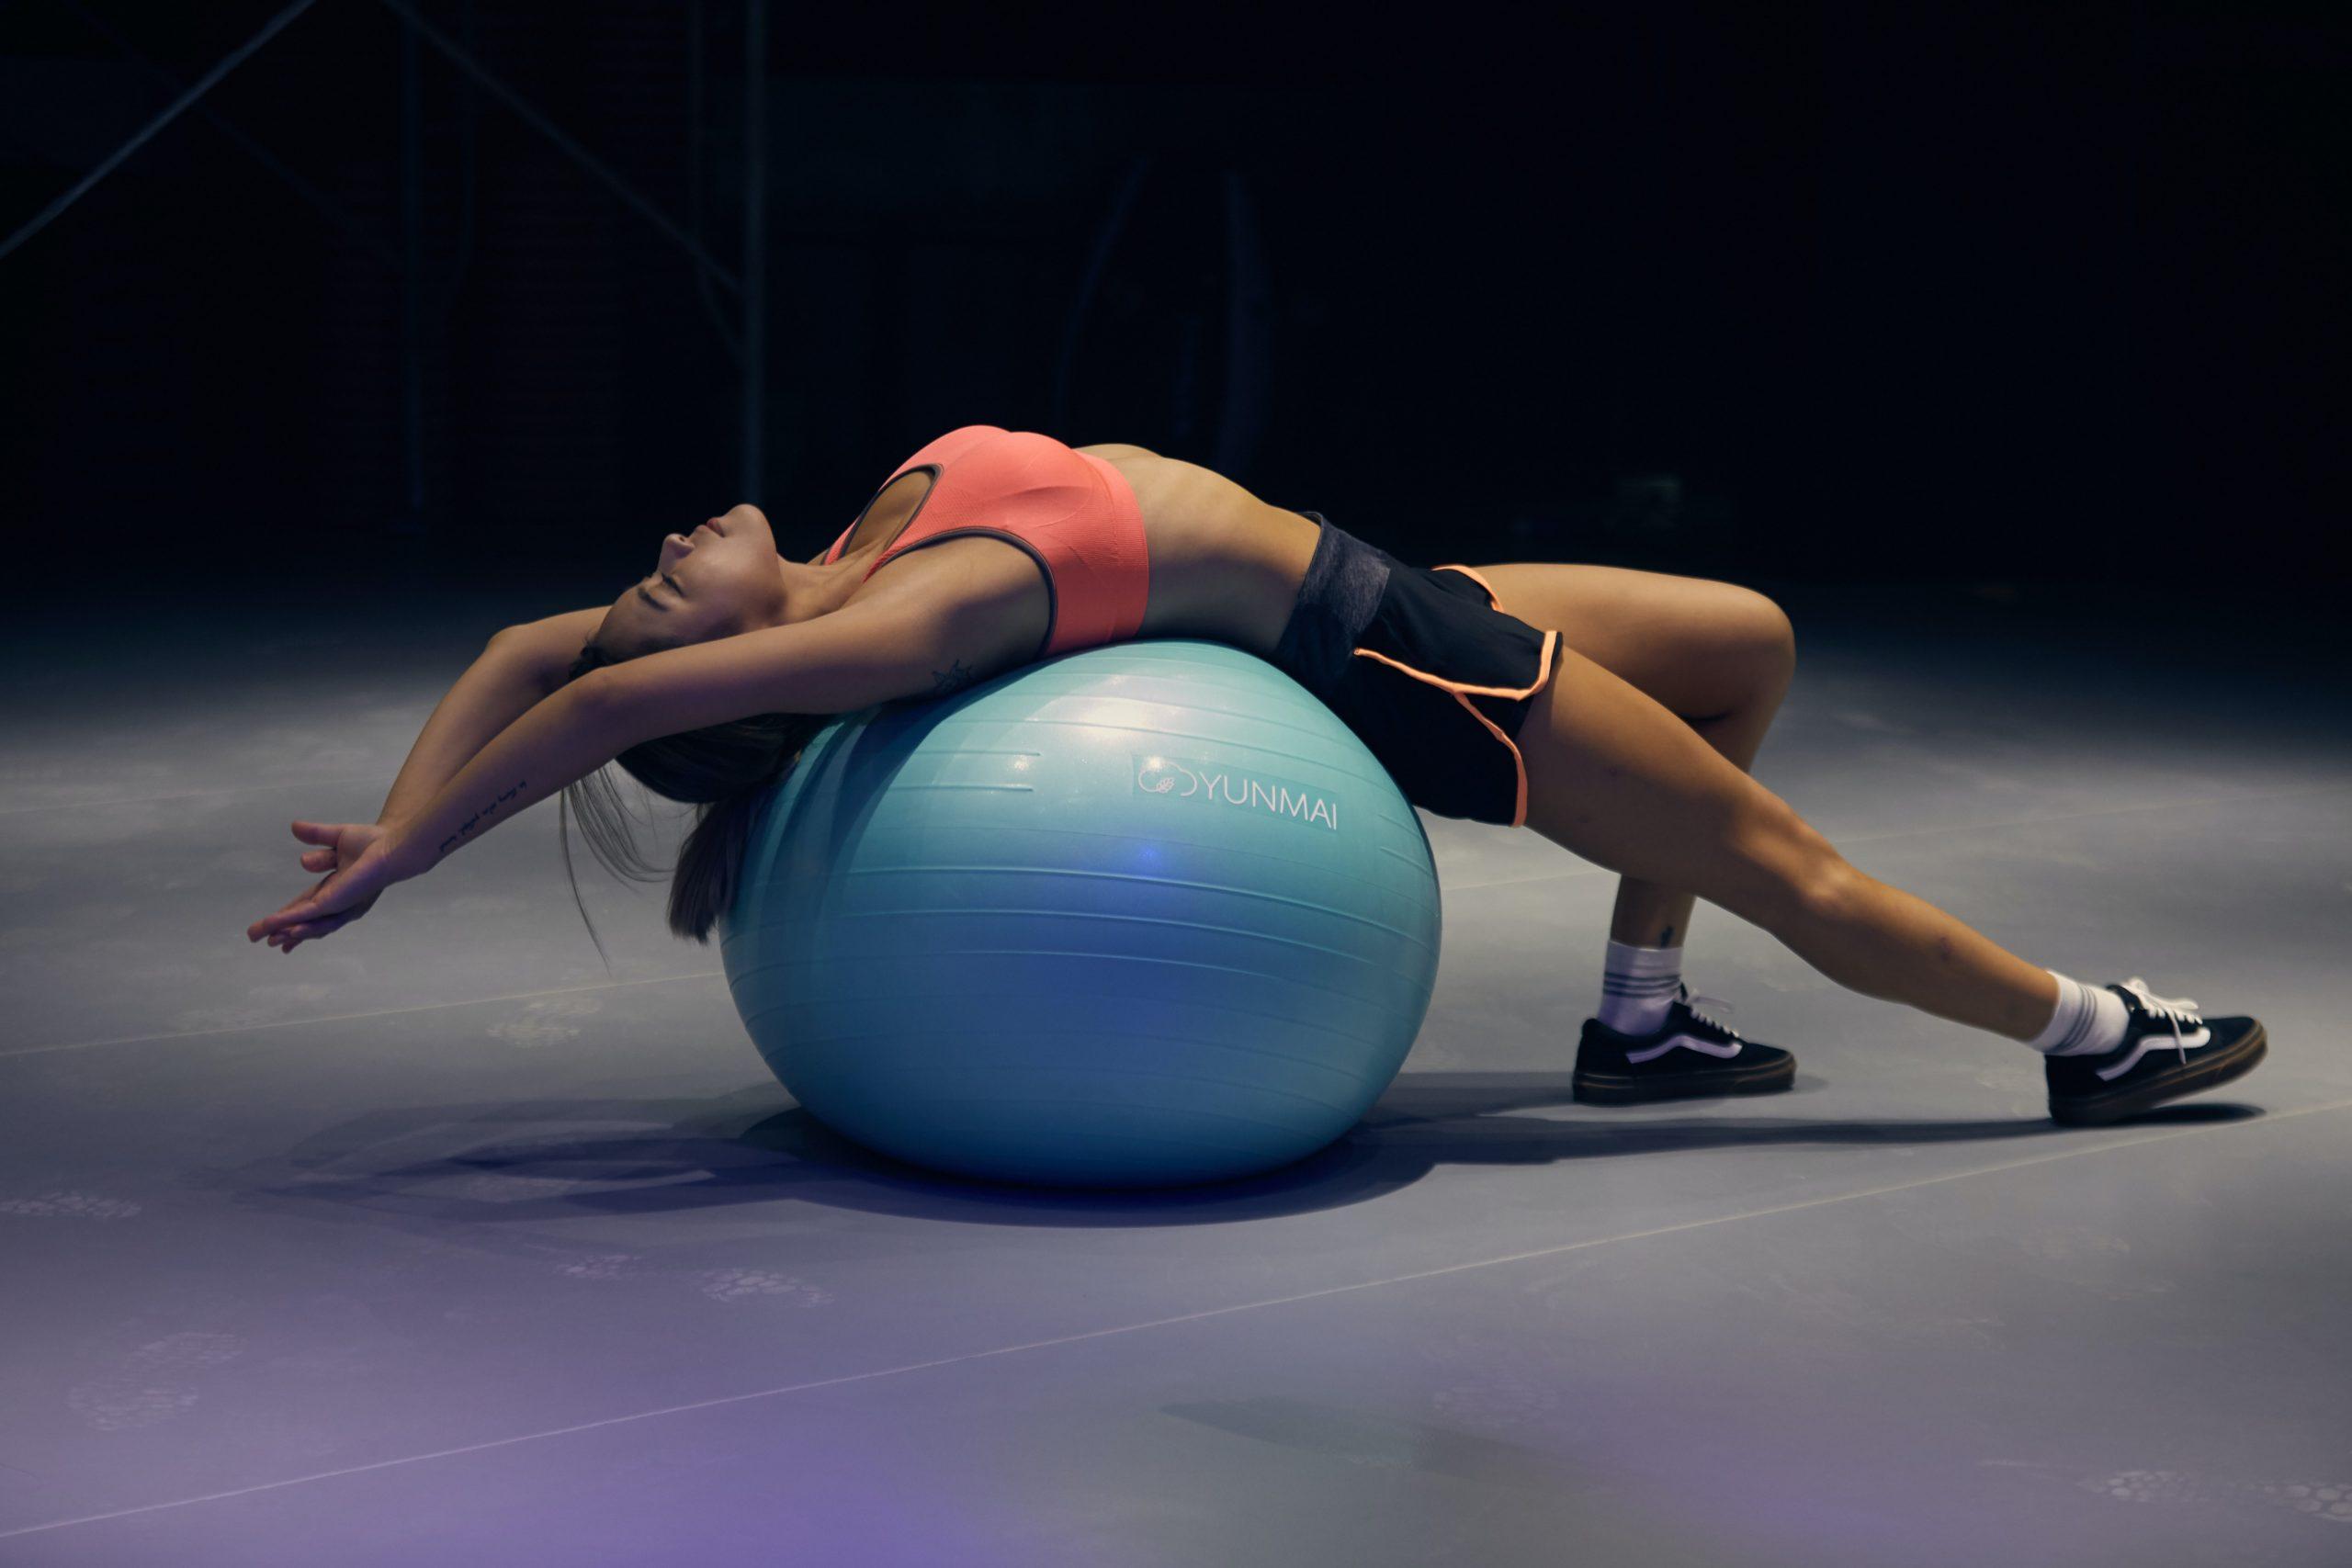 Imagem de uma mulher se exercitando.